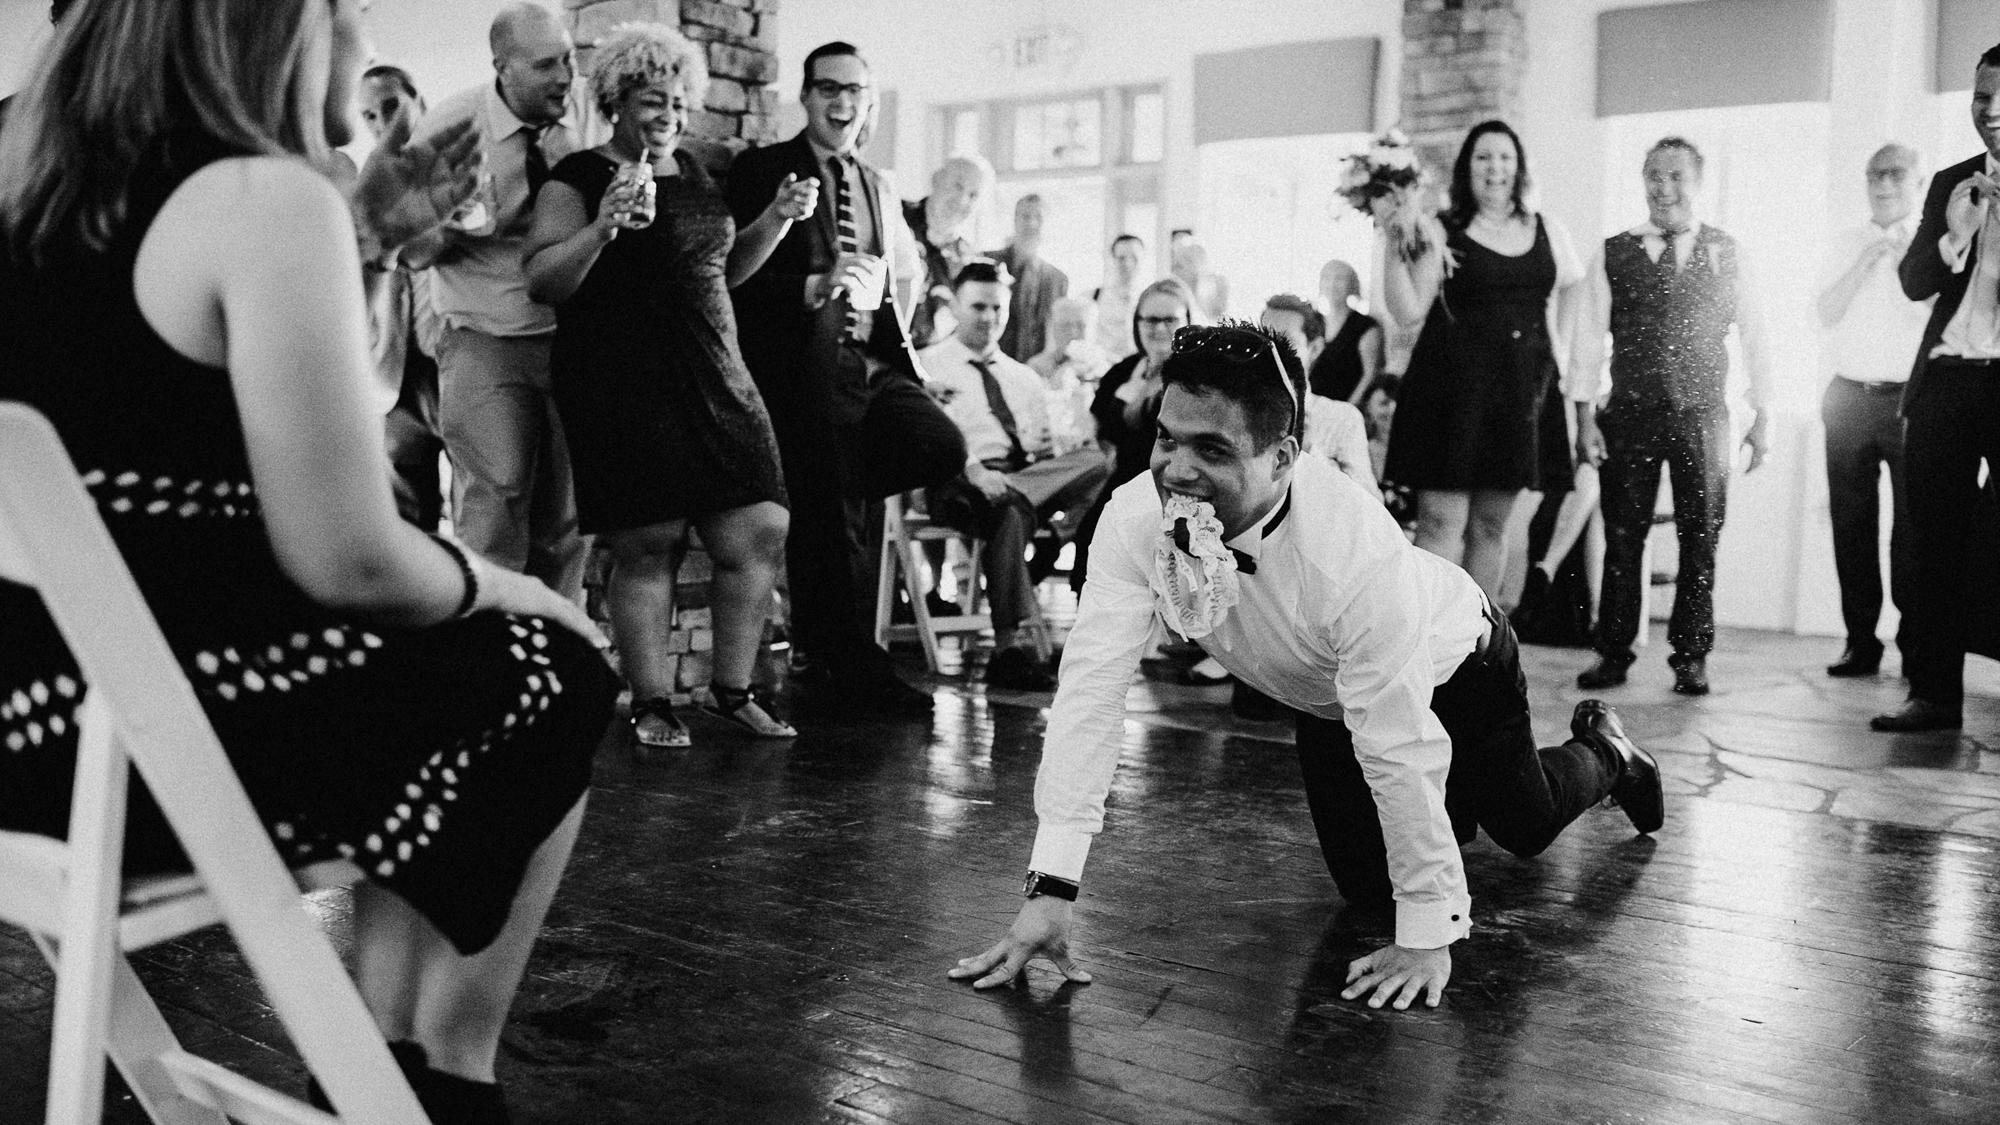 gian-carlo-photography-weddings-13.jpg